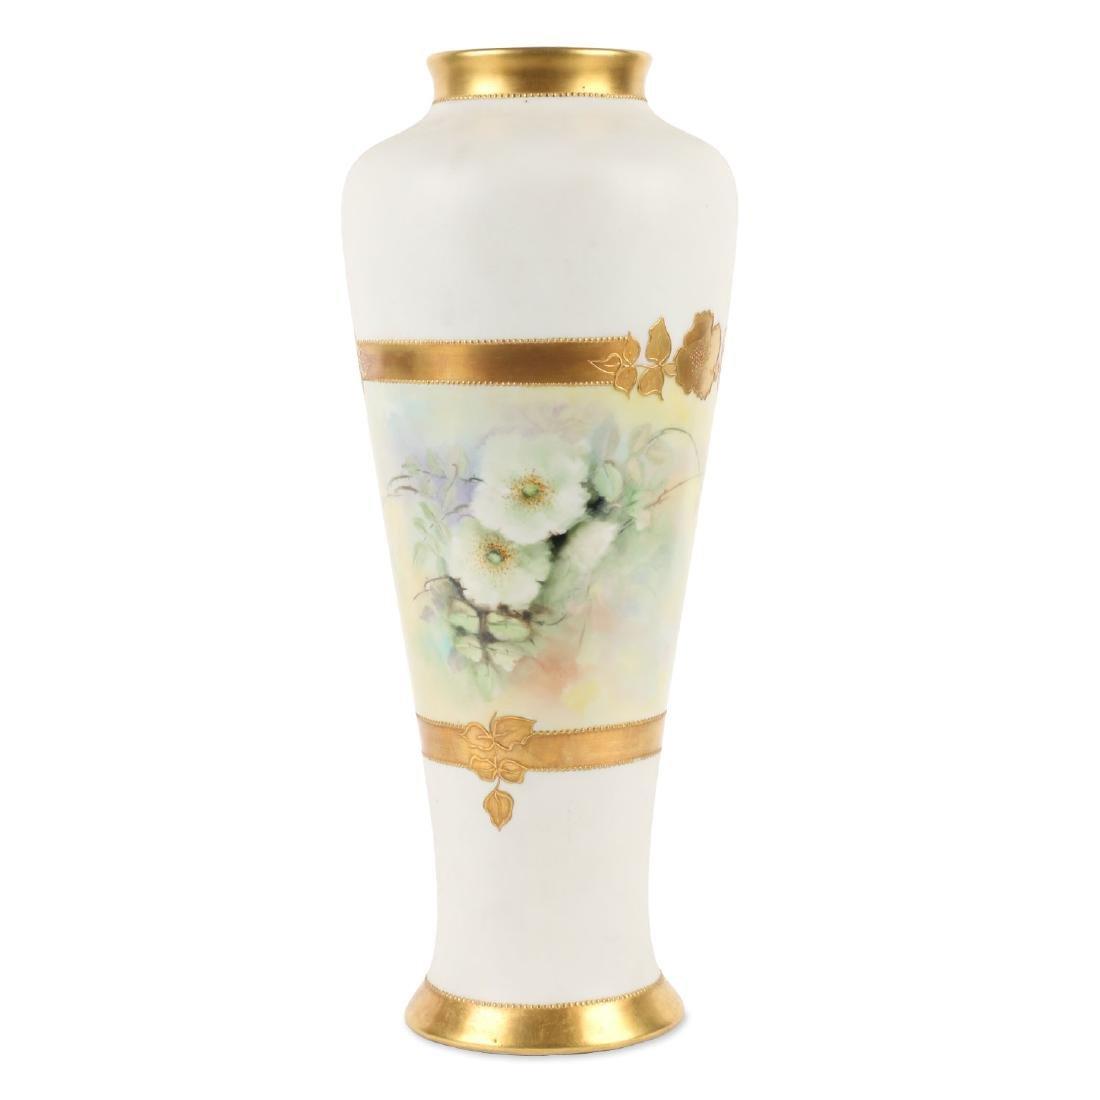 Limoges Vase, France